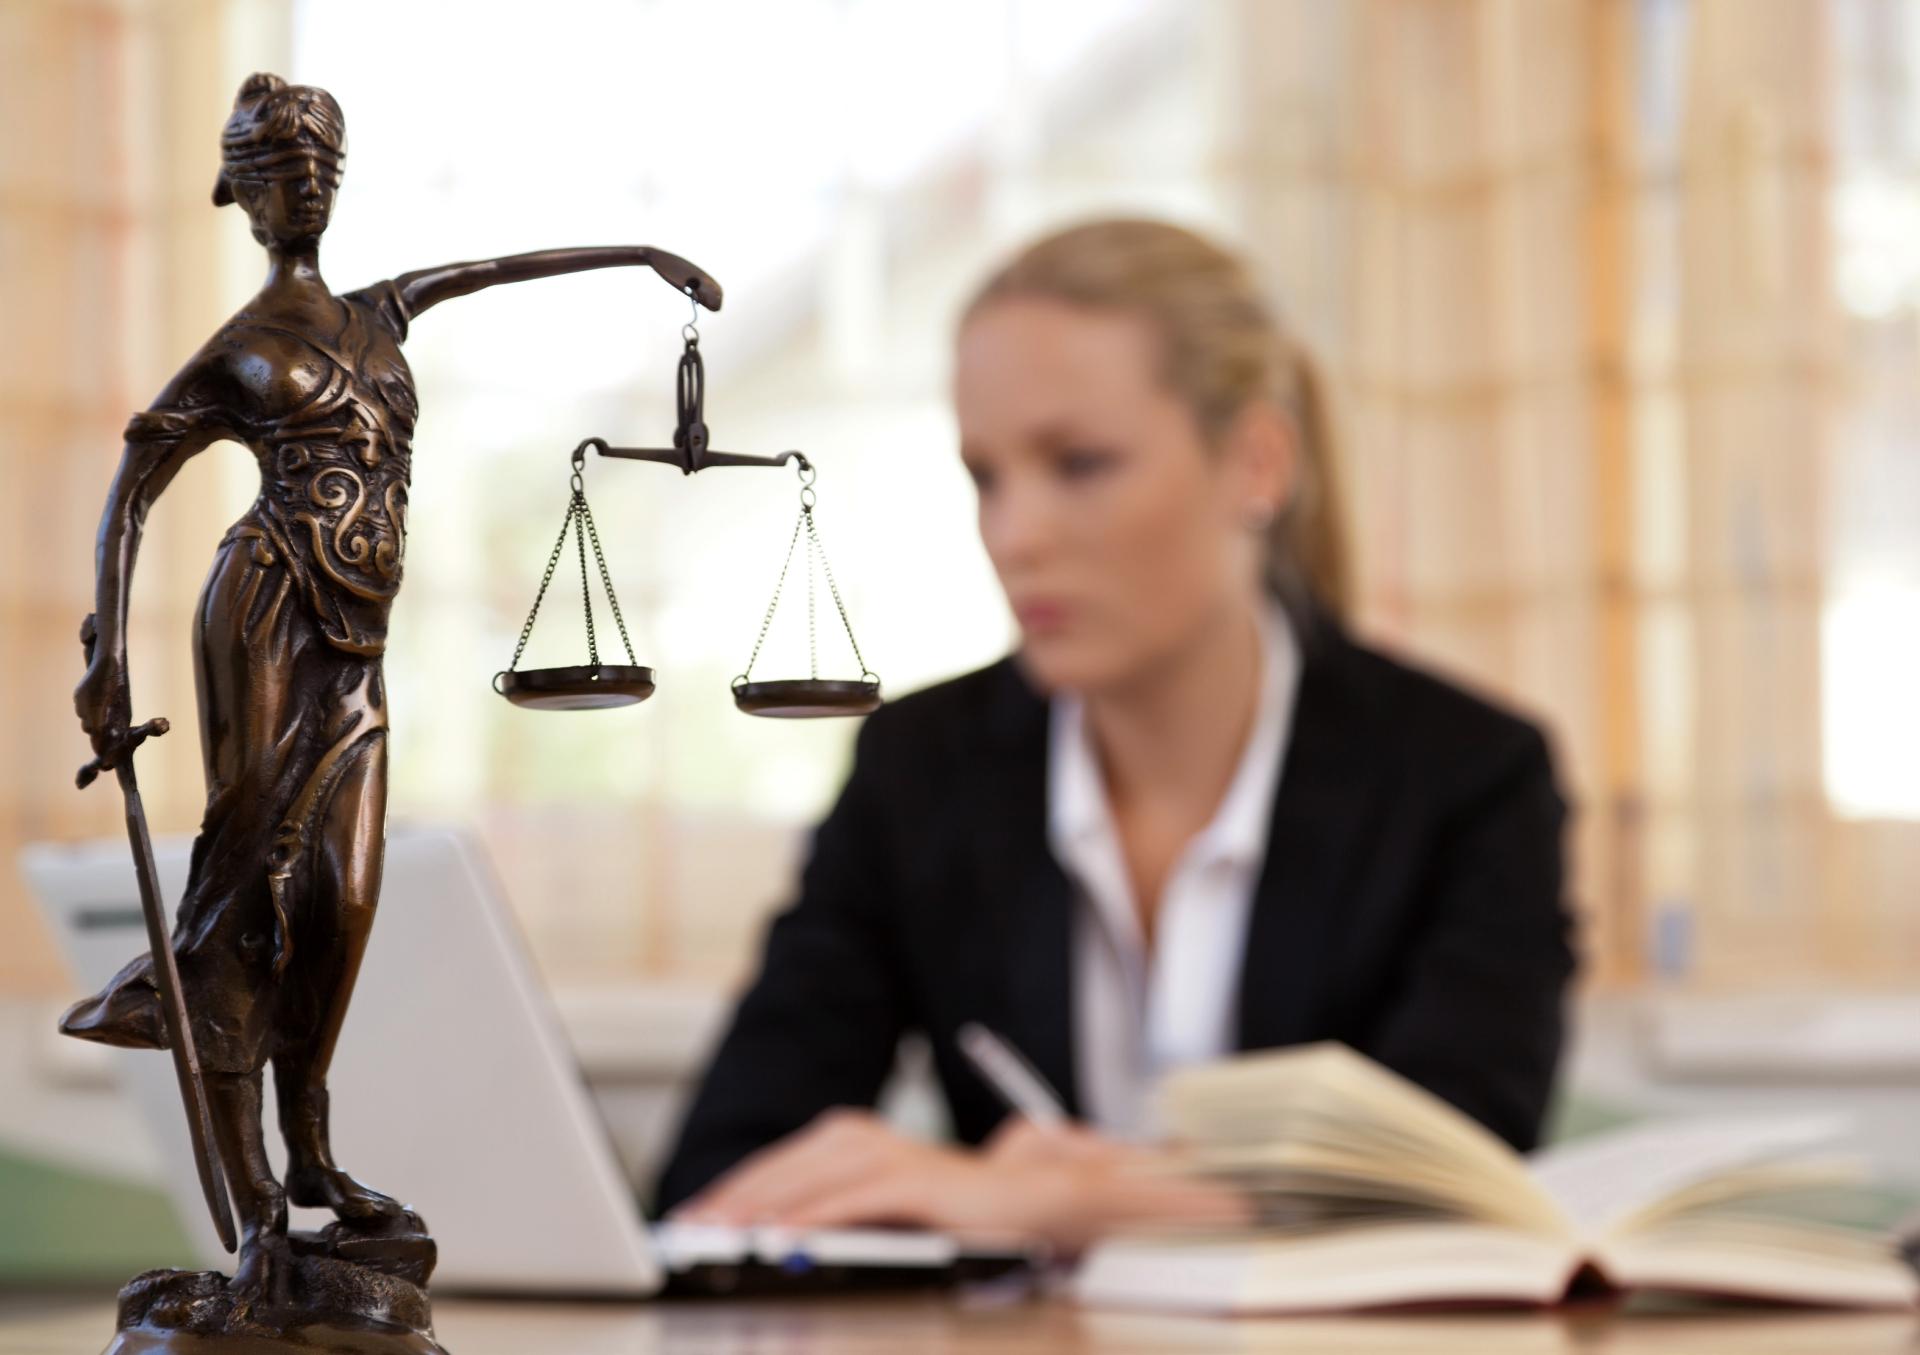 Завещание может быть оспорено по иску лица, права или законные интересы которого нарушены этим завещанием